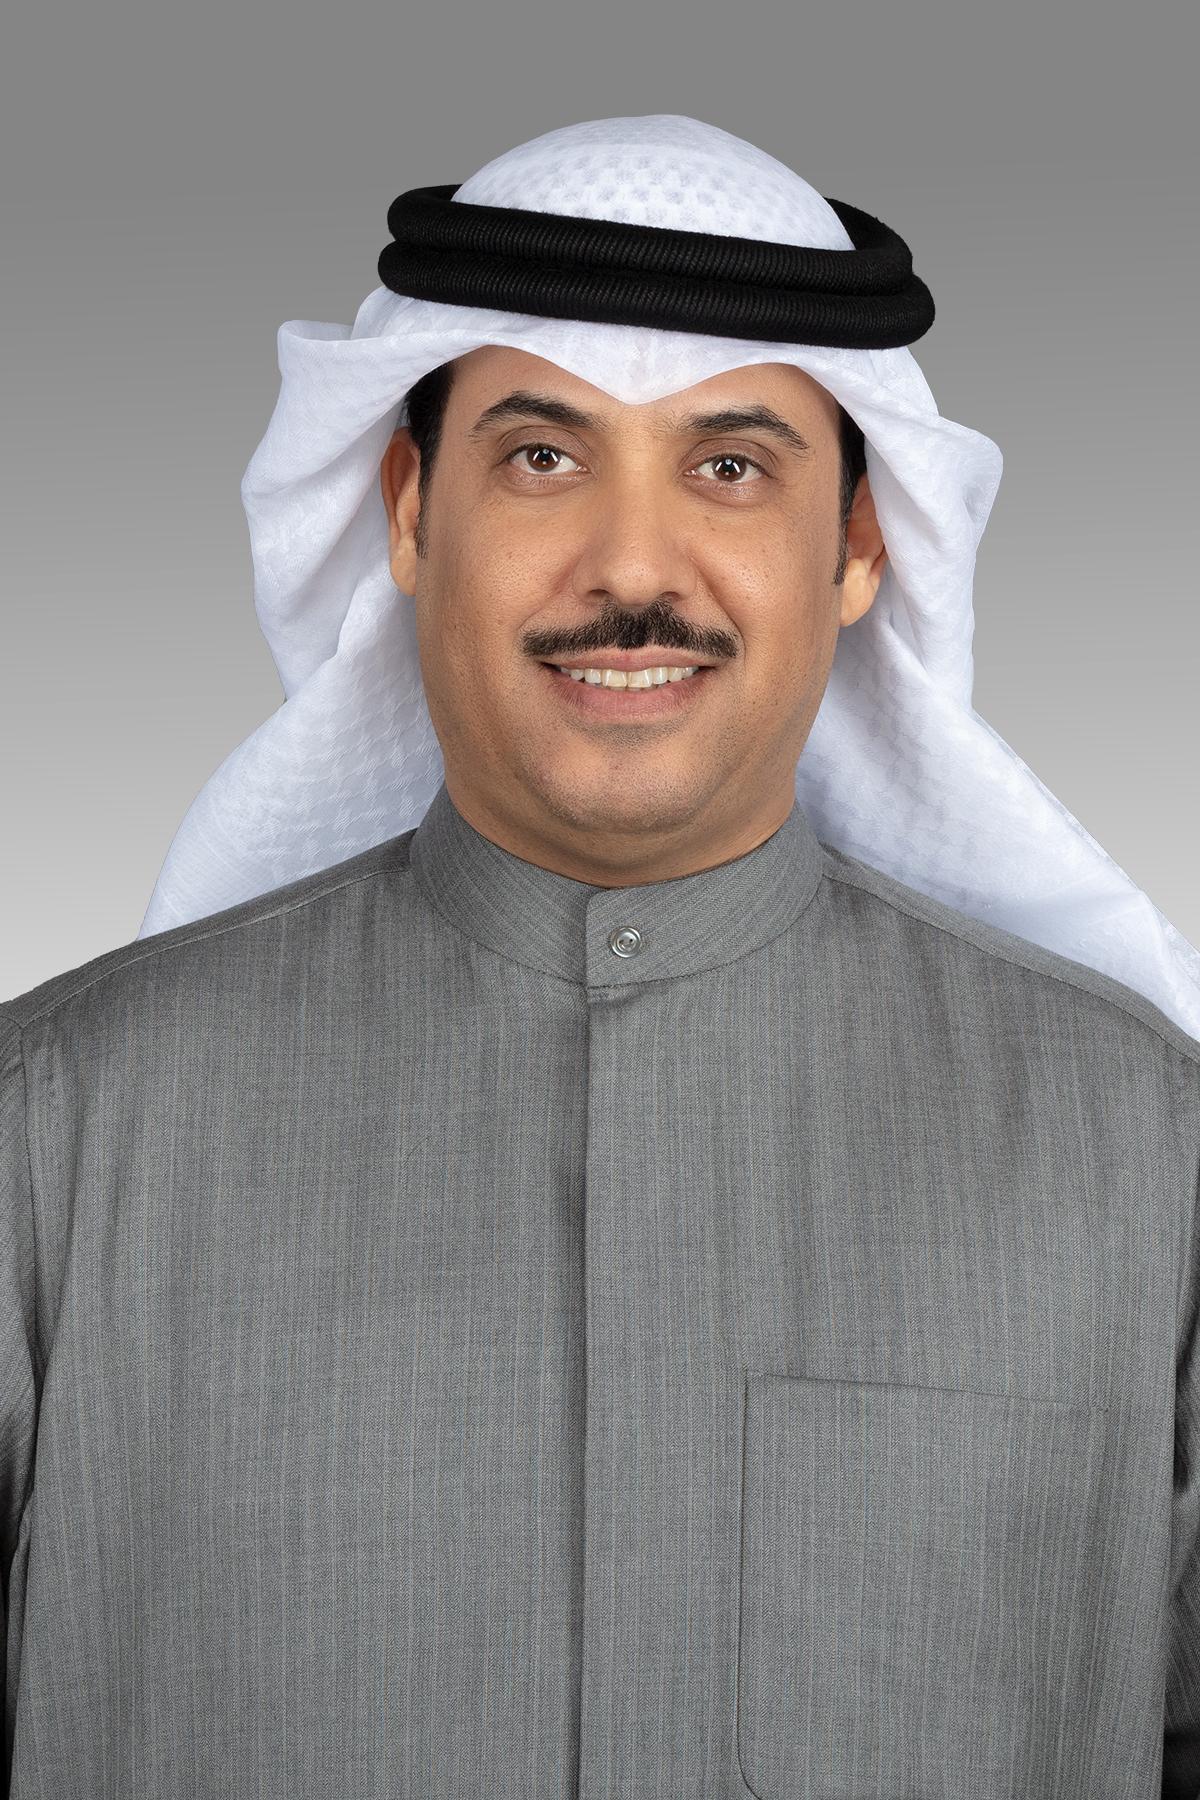 العرو يقترح إشراك مجلس الأمة في اختيار عضوين من أعضاء المحكمة الدستورية